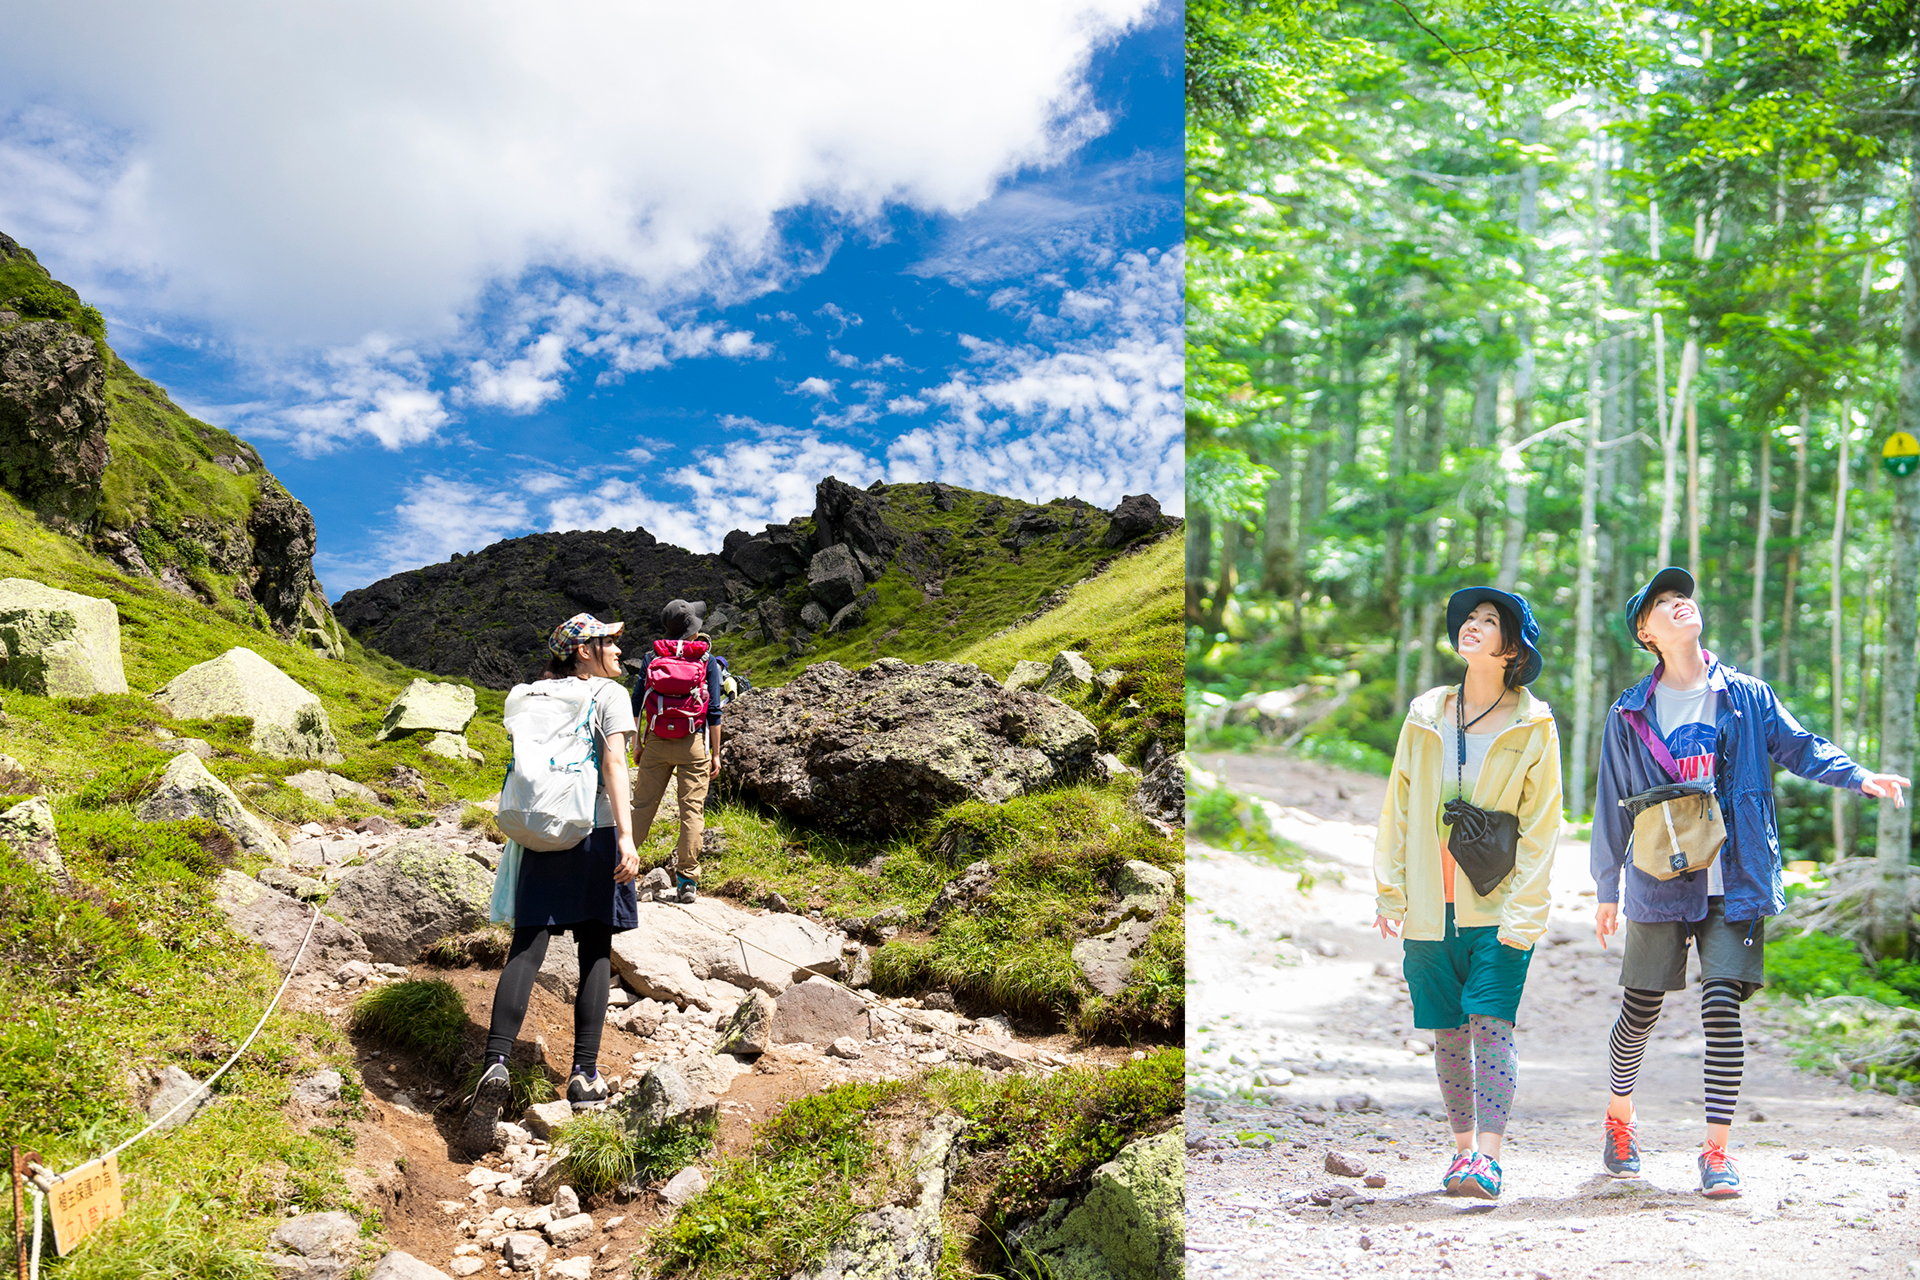 re05_1 ビギナーにもおすすめ!日帰りでも楽しめる関東の絶景登山・ハイキングスポット10選